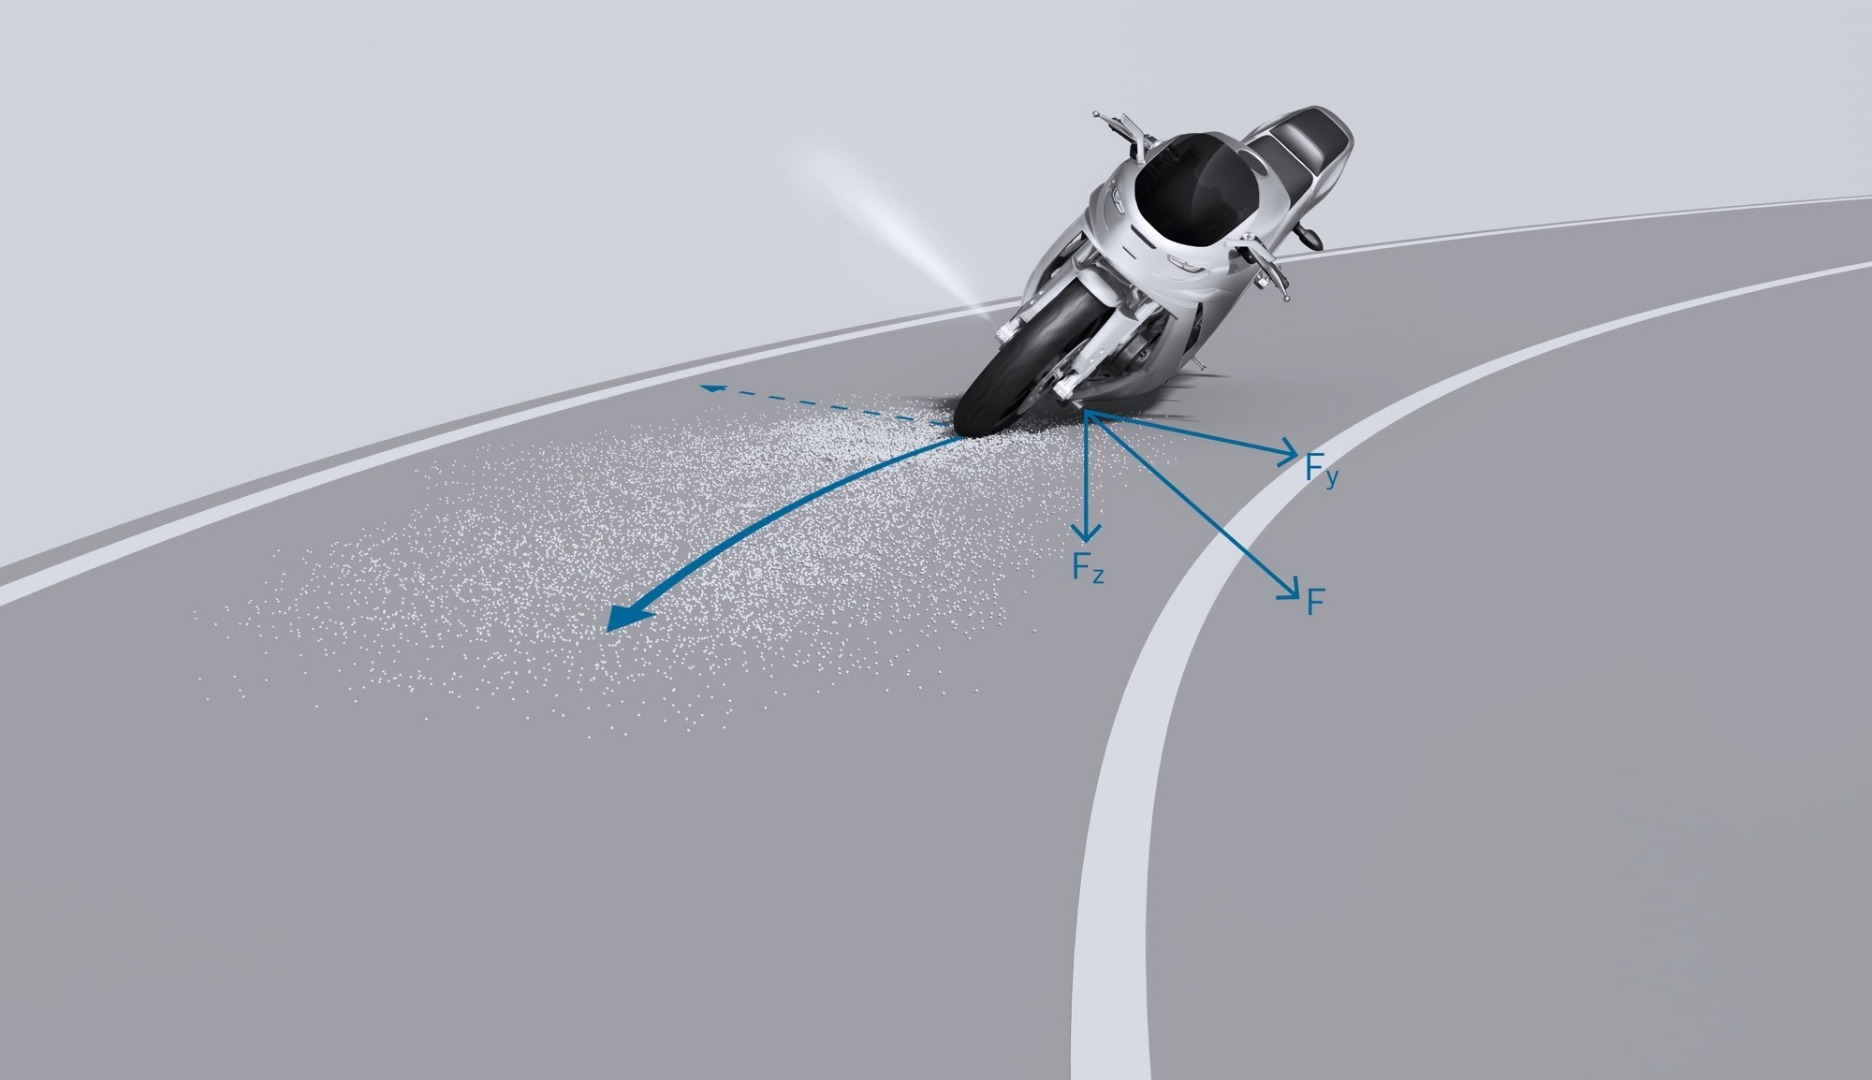 5afd4f710ee694d40434a0e4-si-bosch-ha-fabricado-un-control-de-traccion-por-gas-y-fuerza-de-repulsion.jpg